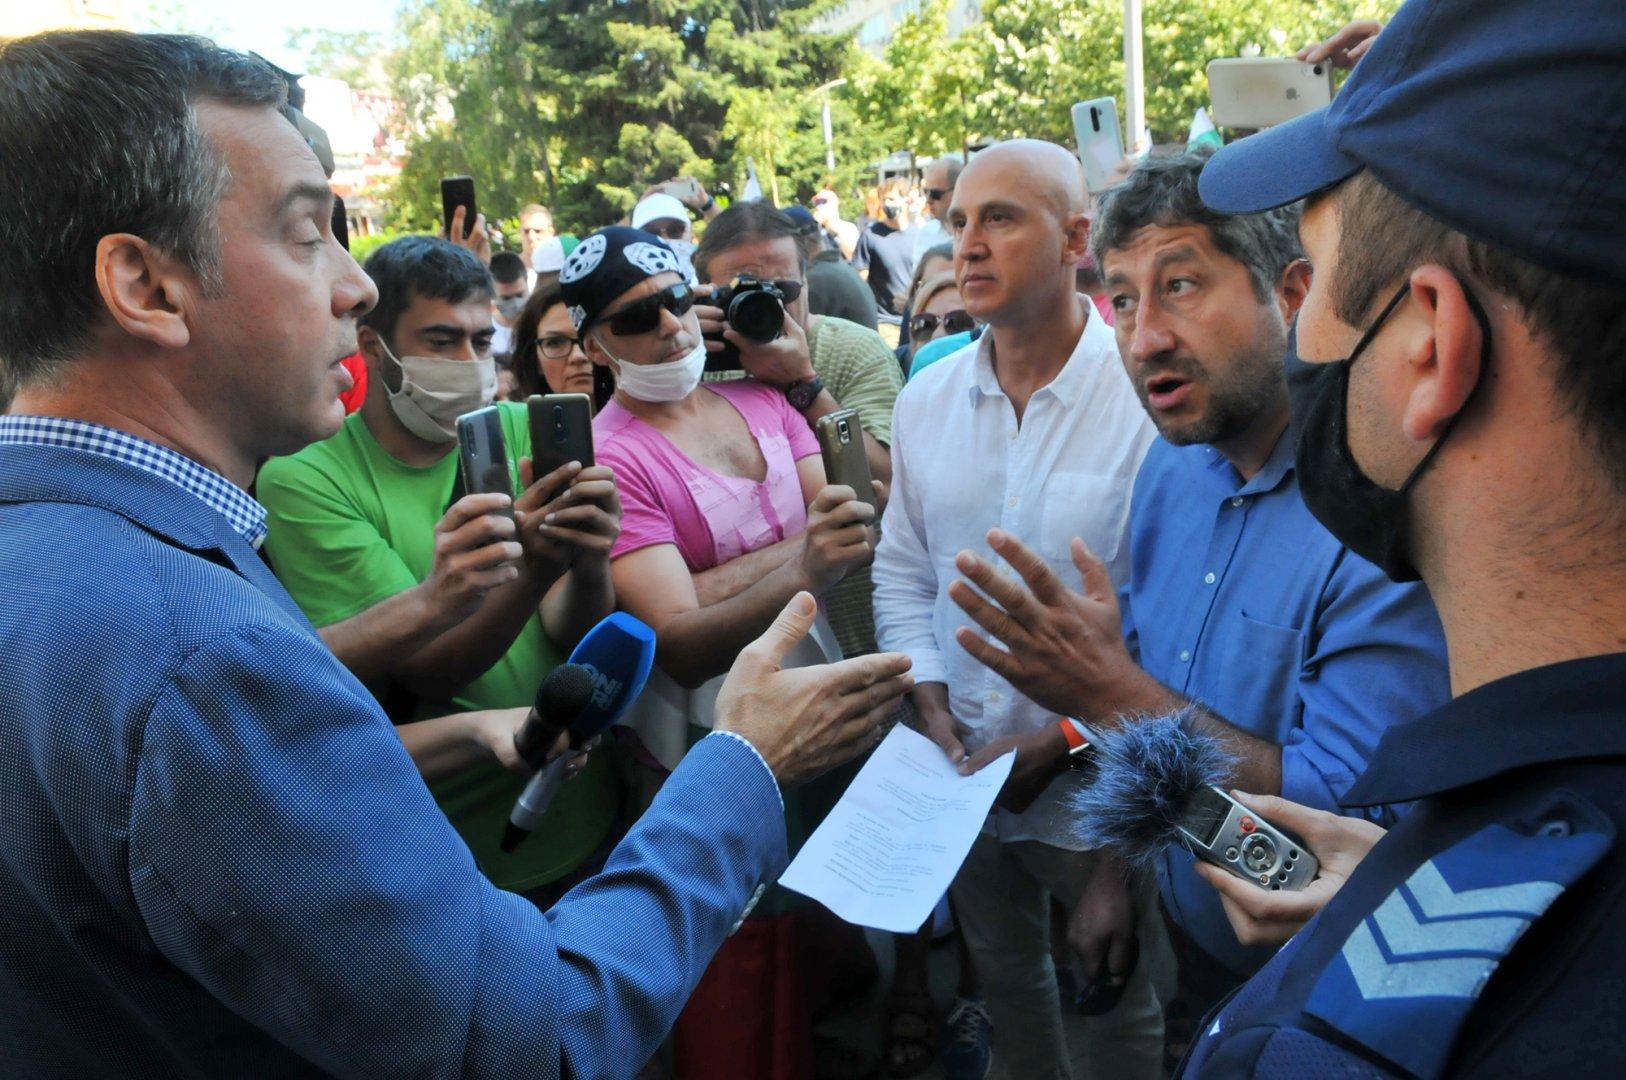 Кметът Николов се срещна с Христо Иванов и протестиращите пред Общината. Снимки Черноморие-бг